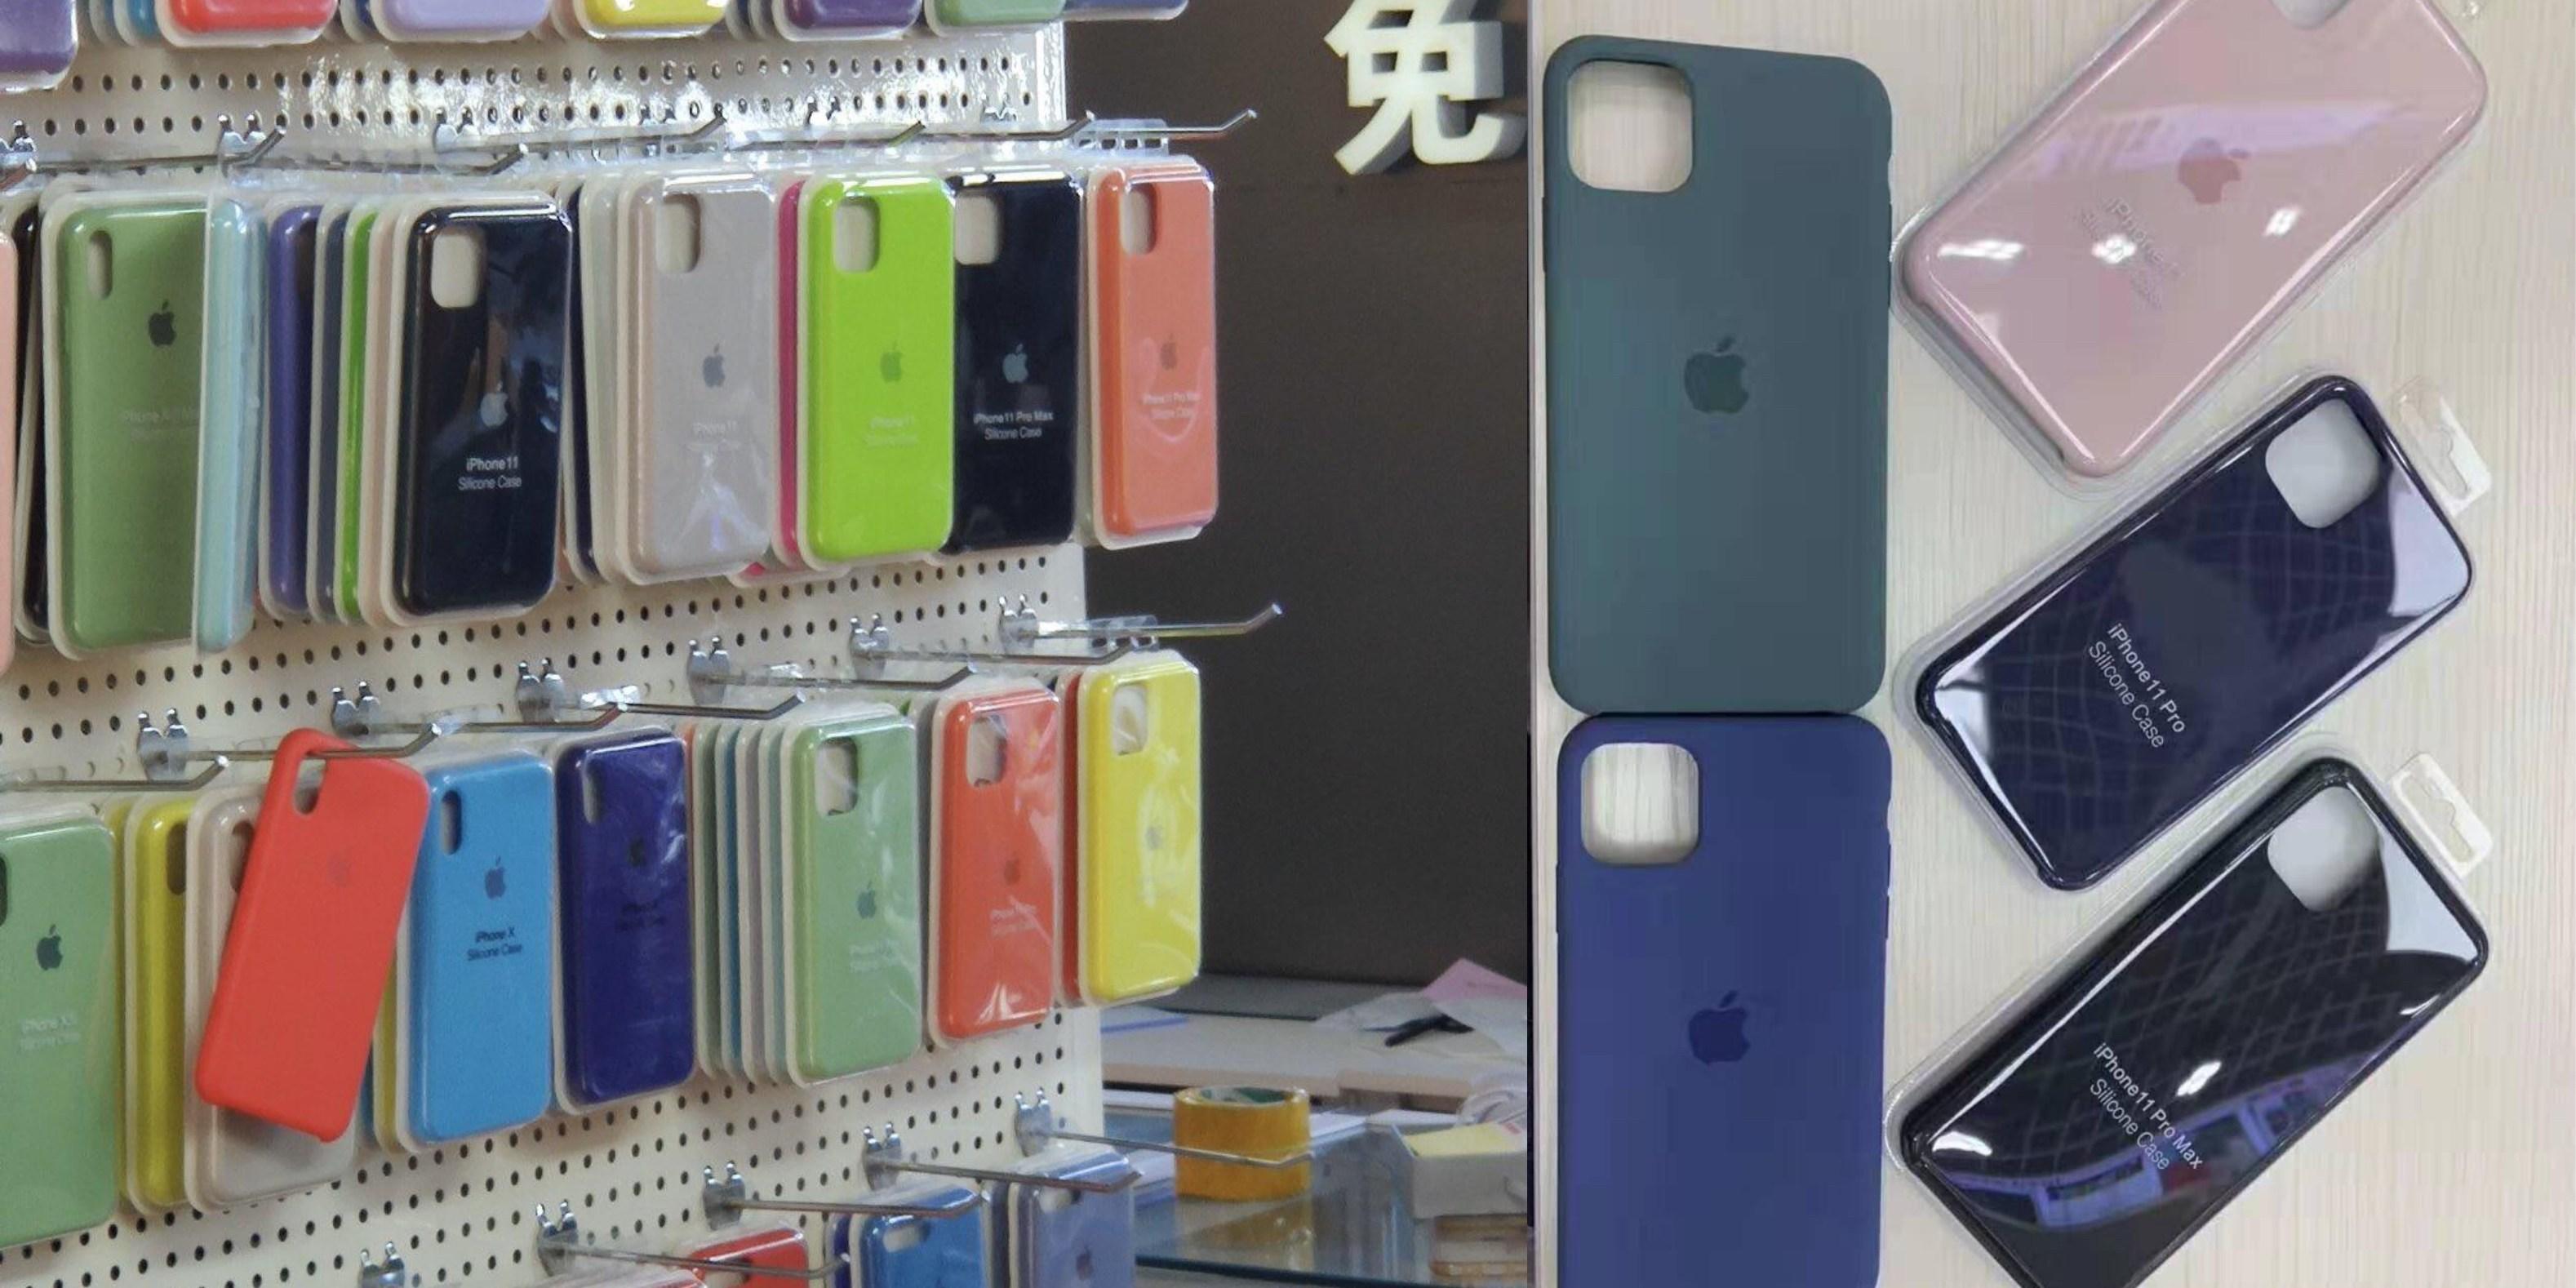 Noi imagini Dezvaluie ca iPhone 11 vine cu Doua Schimbari Mari carcase